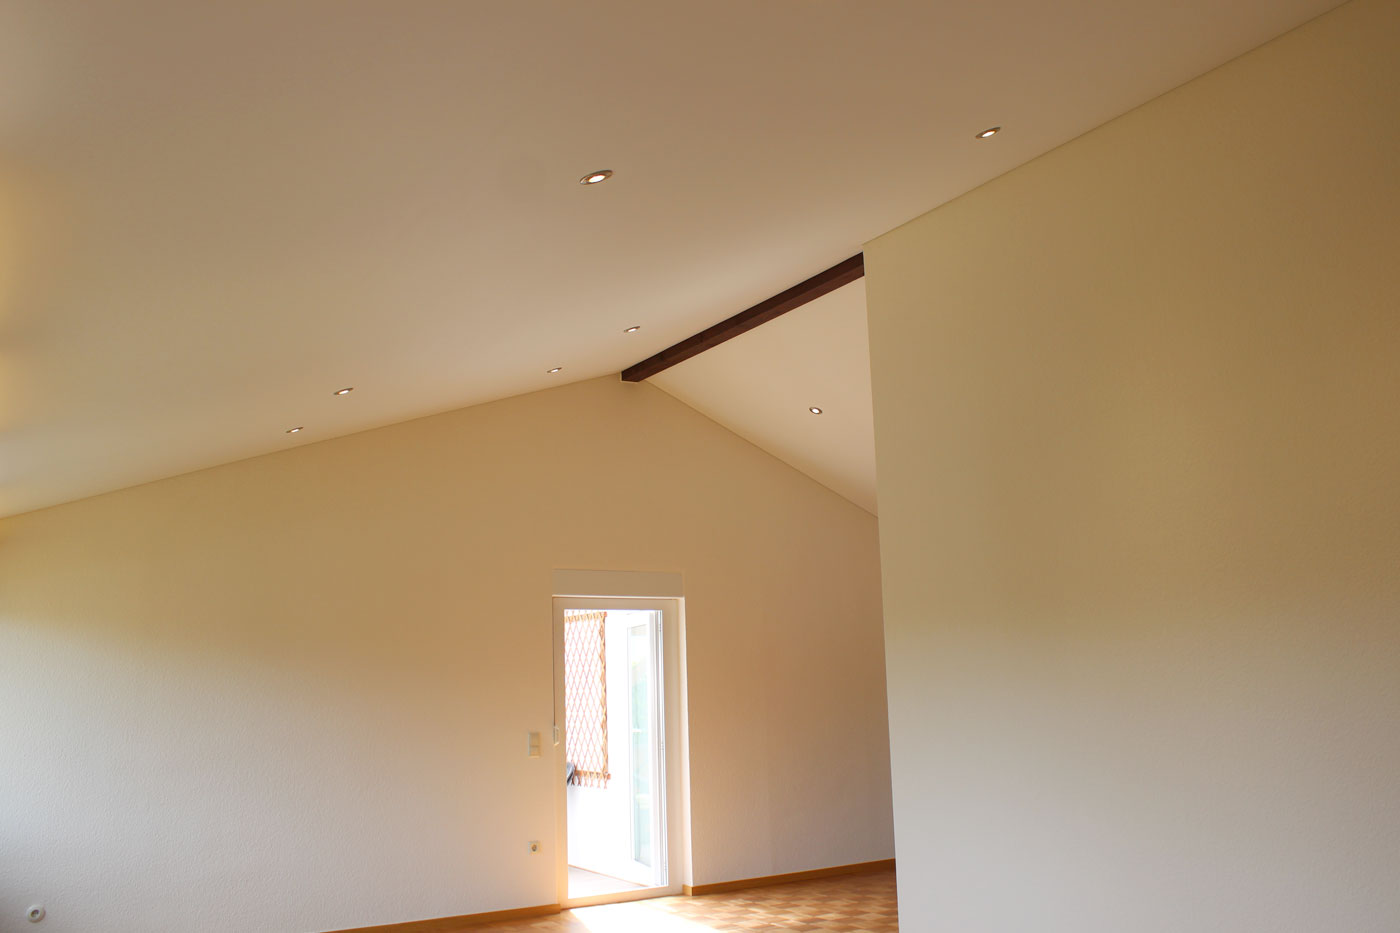 Spanndeckenstudio Teller - Referenzen - Dachschräge 003